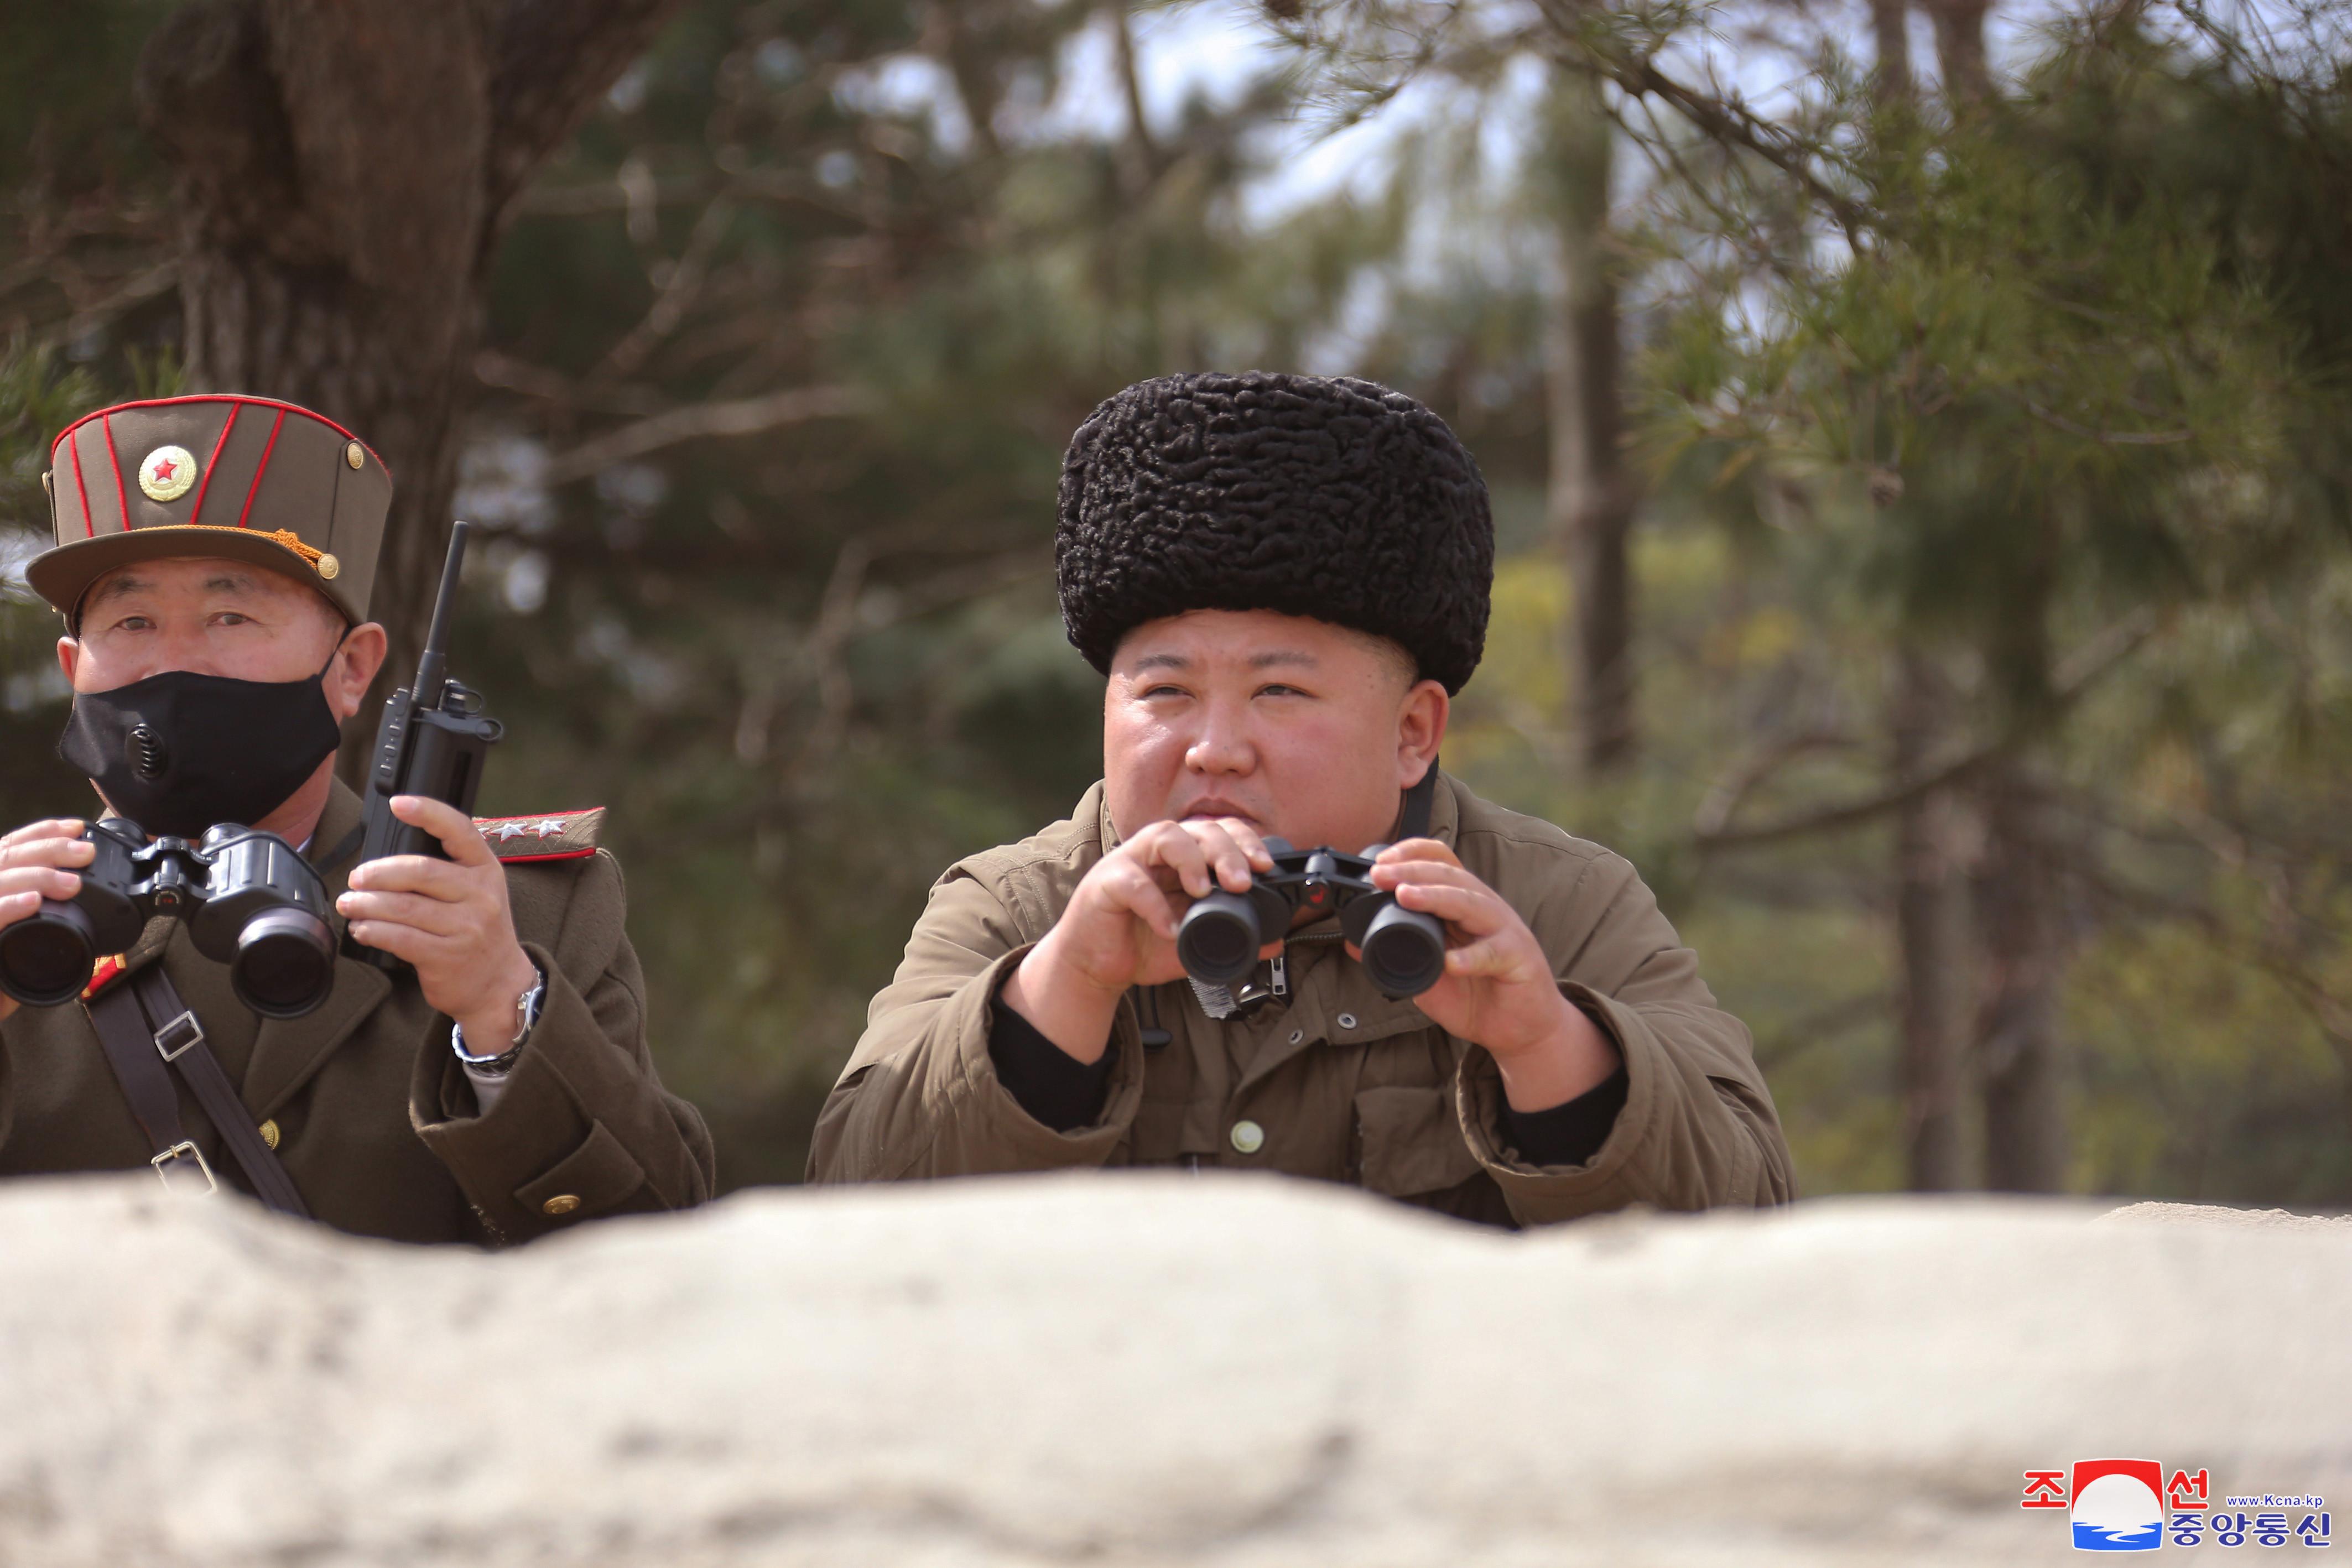 ▲▼北韓透過宣傳媒體,批評南韓當局口蜜腹劍、暗中搞鬼。(圖/達志影像)